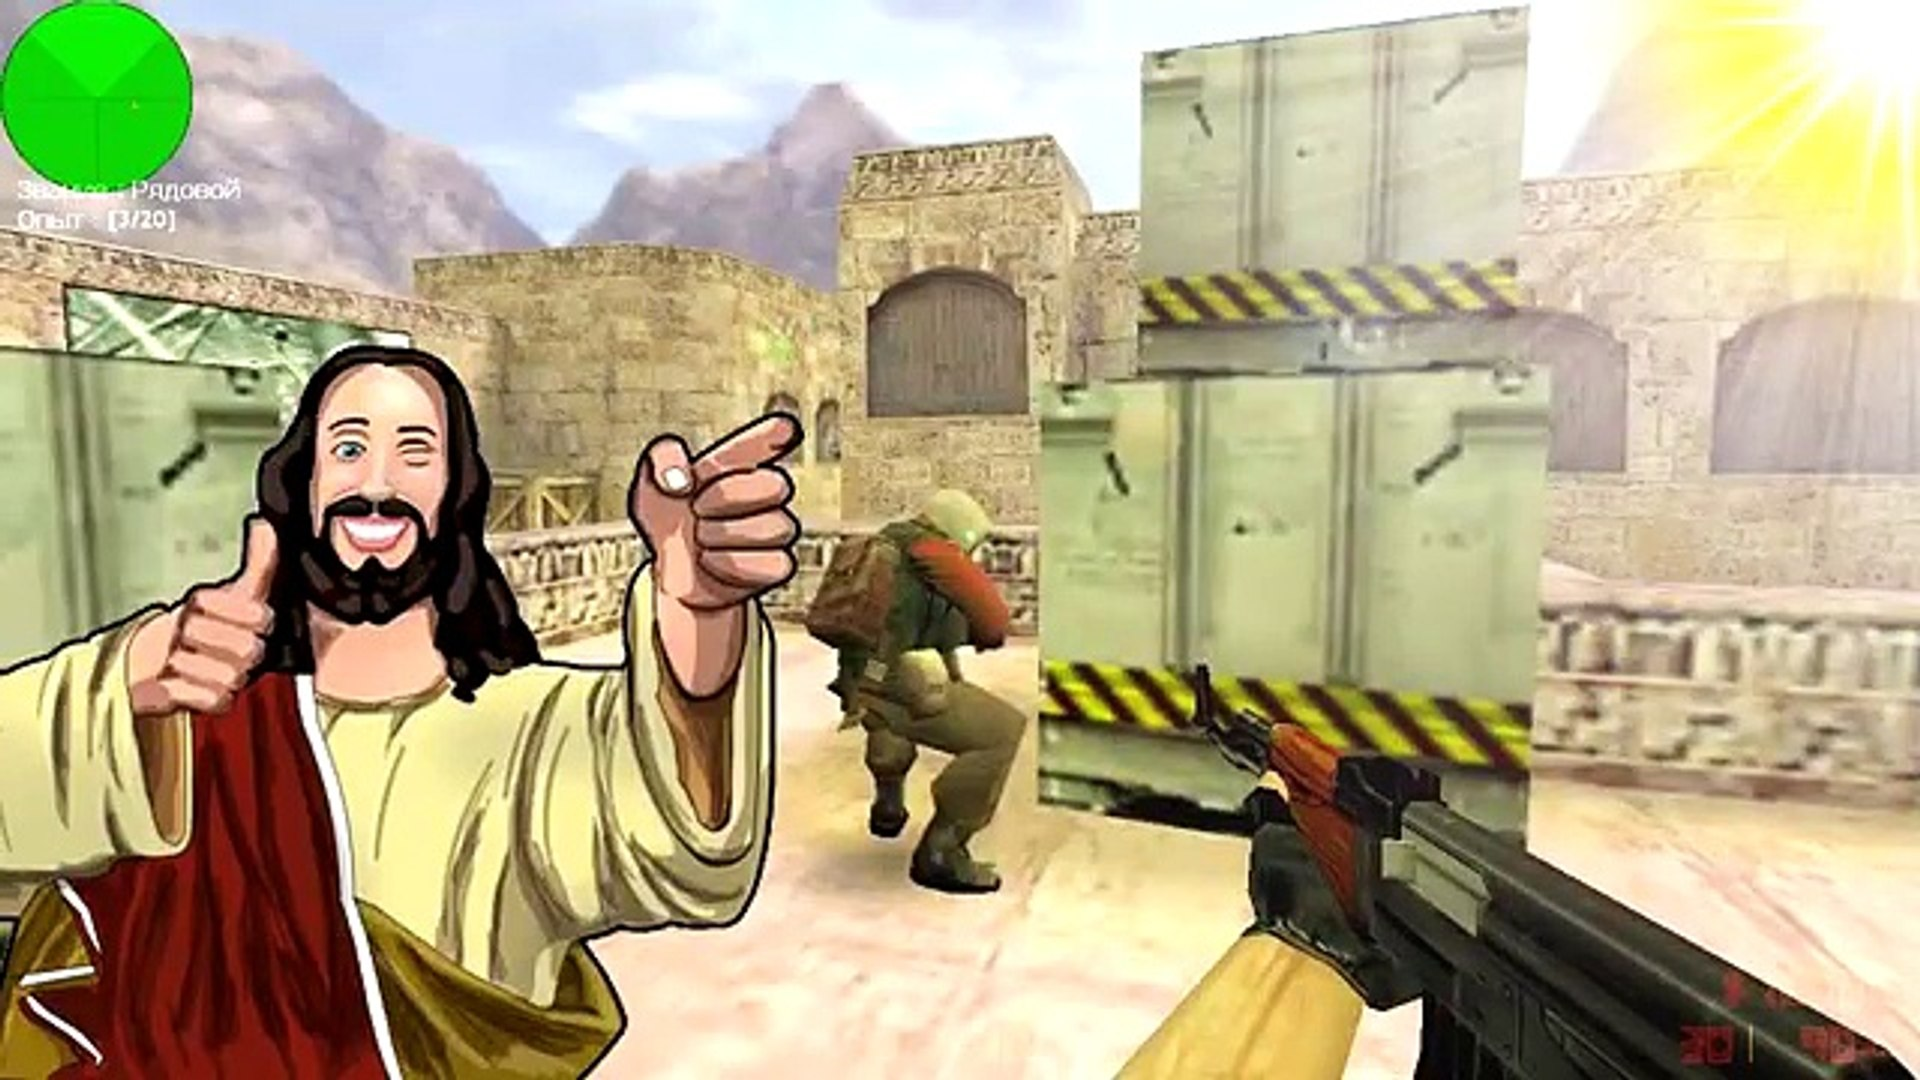 АИМ,ВХ или СПИДхак!? ✰ Counter-Strike 1.6 приколы -✰